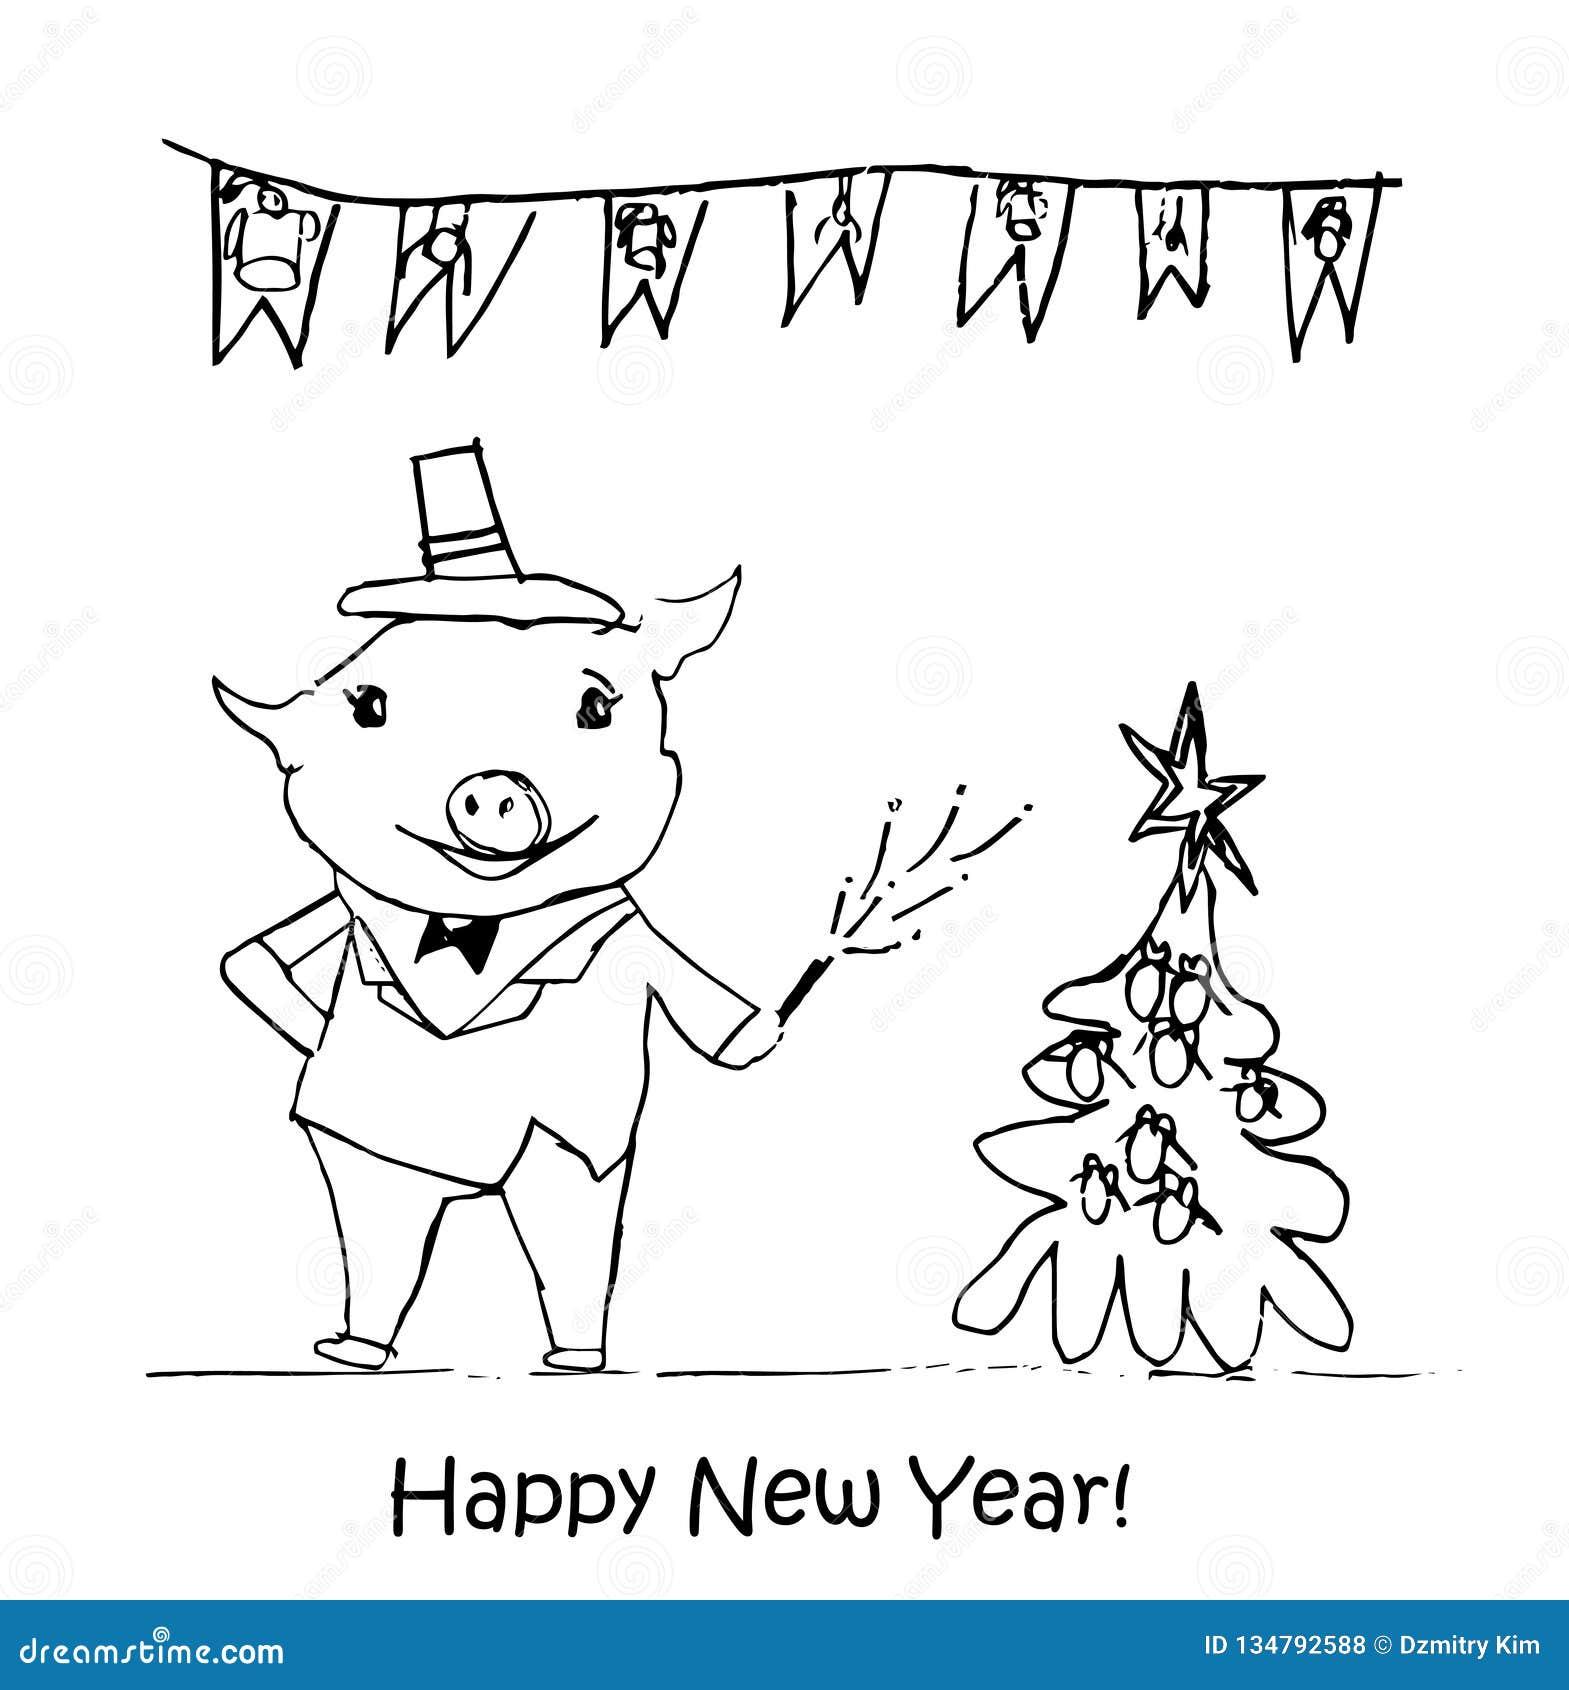 Ilustração do ano novo Os desenhos das crianças com giz preto em um fundo branco Árvore de Natal, brinquedos da pele-árvore, doce